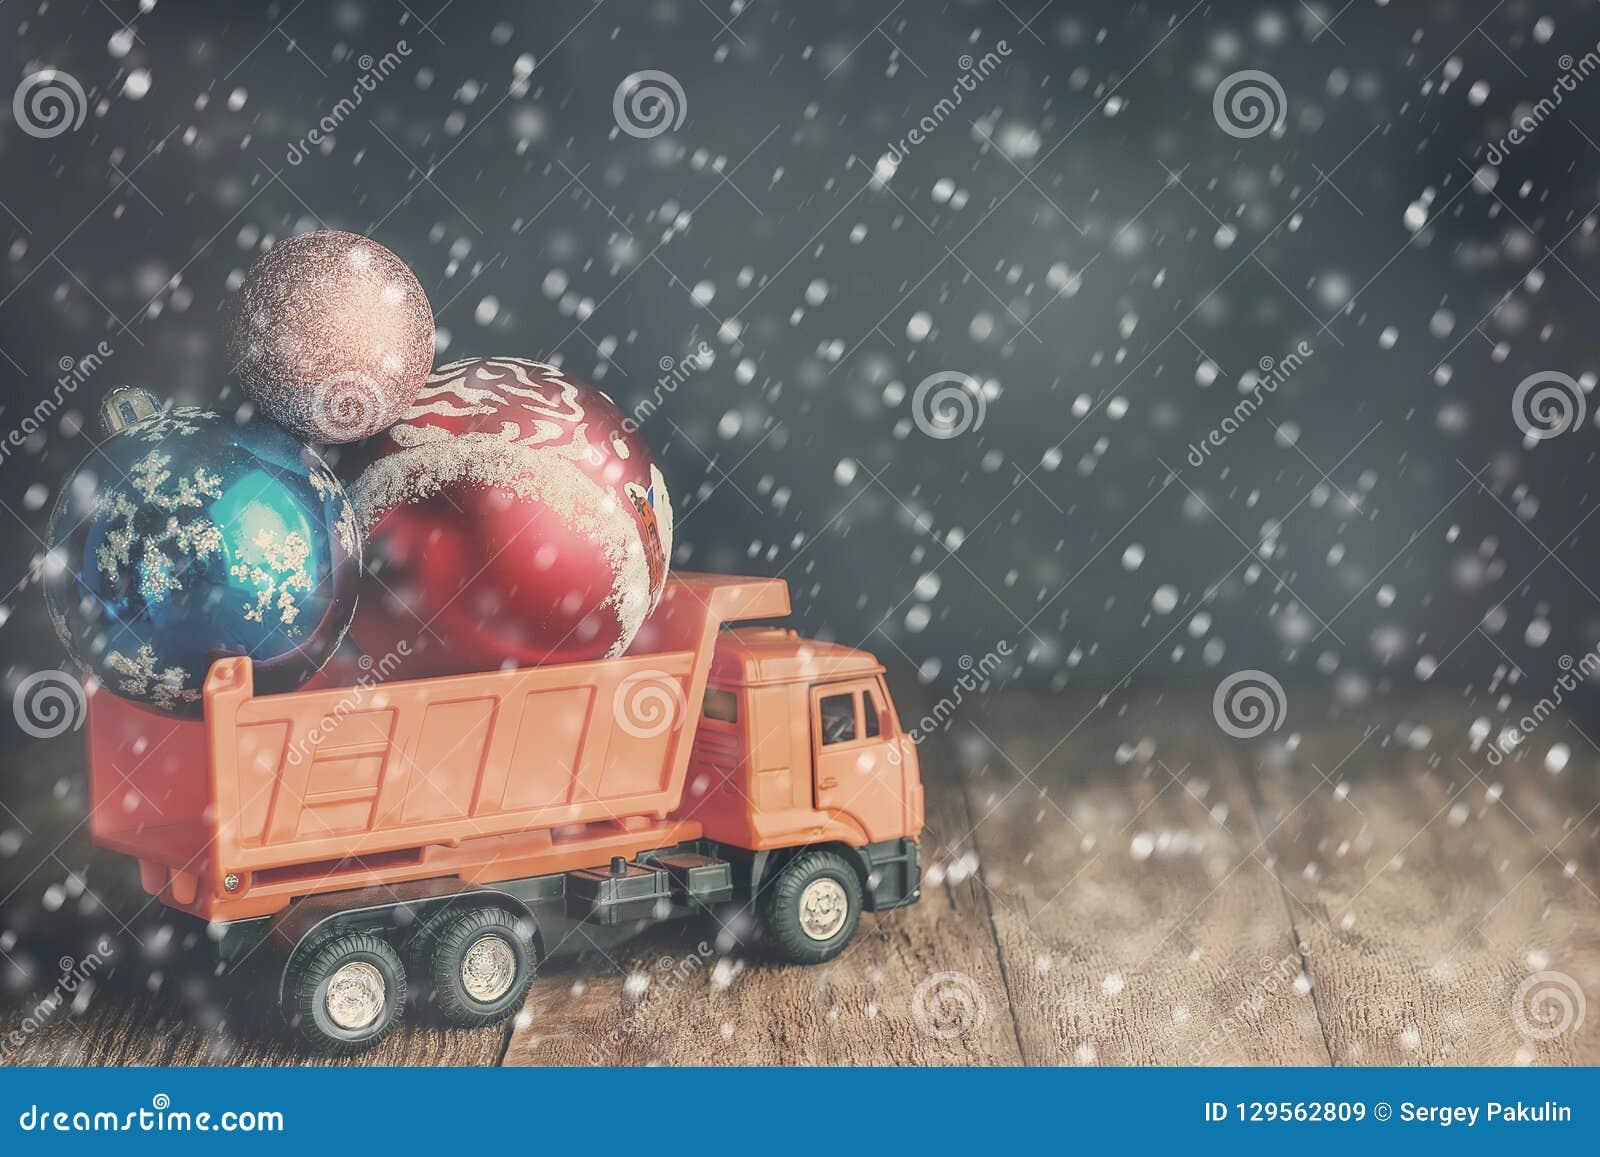 Un grande autocarro con cassone ribaltabile porta le palle di Natale durante le bufere di neve e le precipitazioni nevose